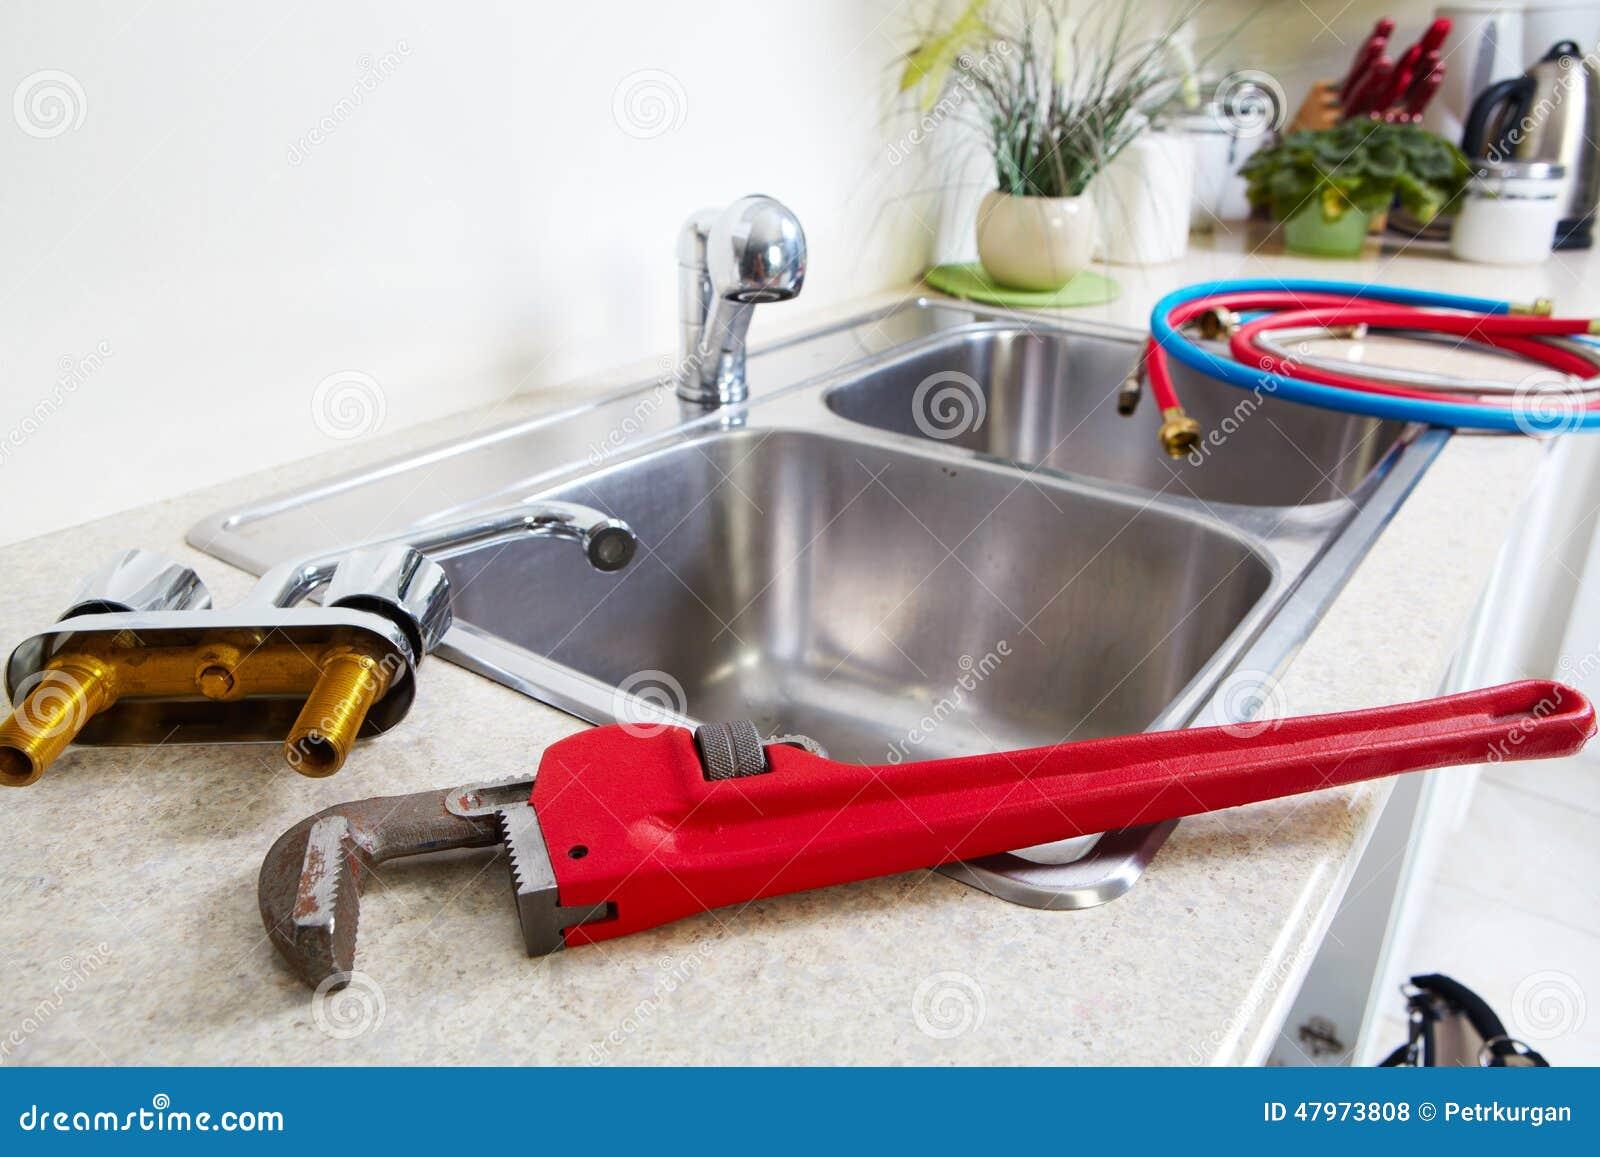 Küchen-Wasserhahn Und -wanne Stockfoto - Bild von wohn, innen: 47973808